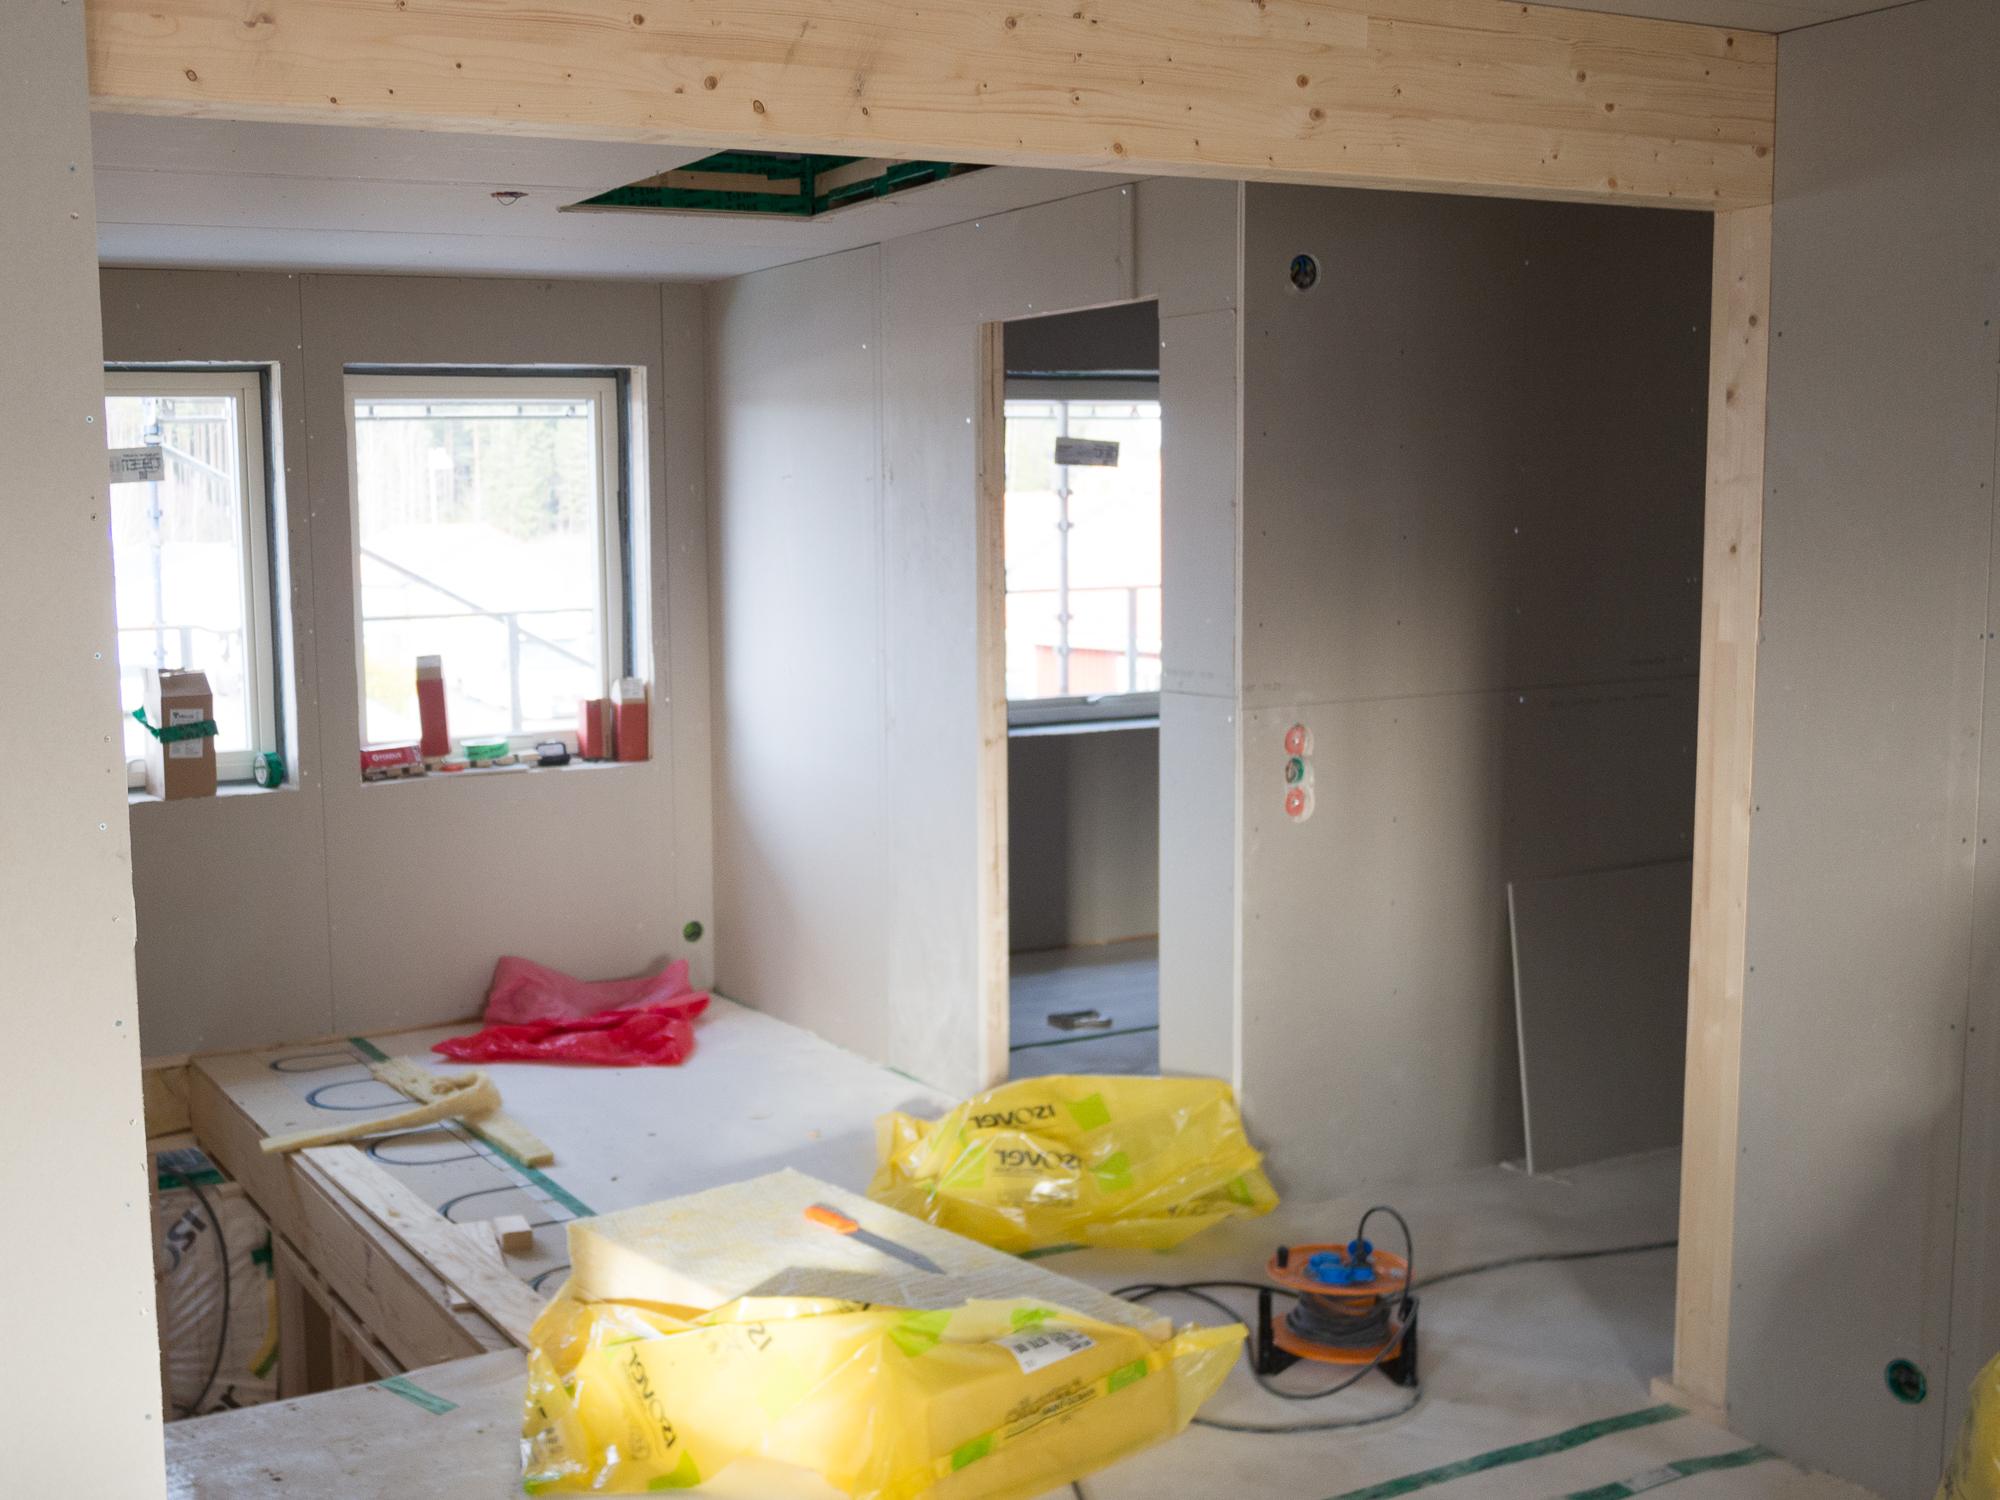 Barnrum 3 av 3. Till höger hall till badrum, master bedroom och walk in closet.Vy från allrummet på övervåningen.